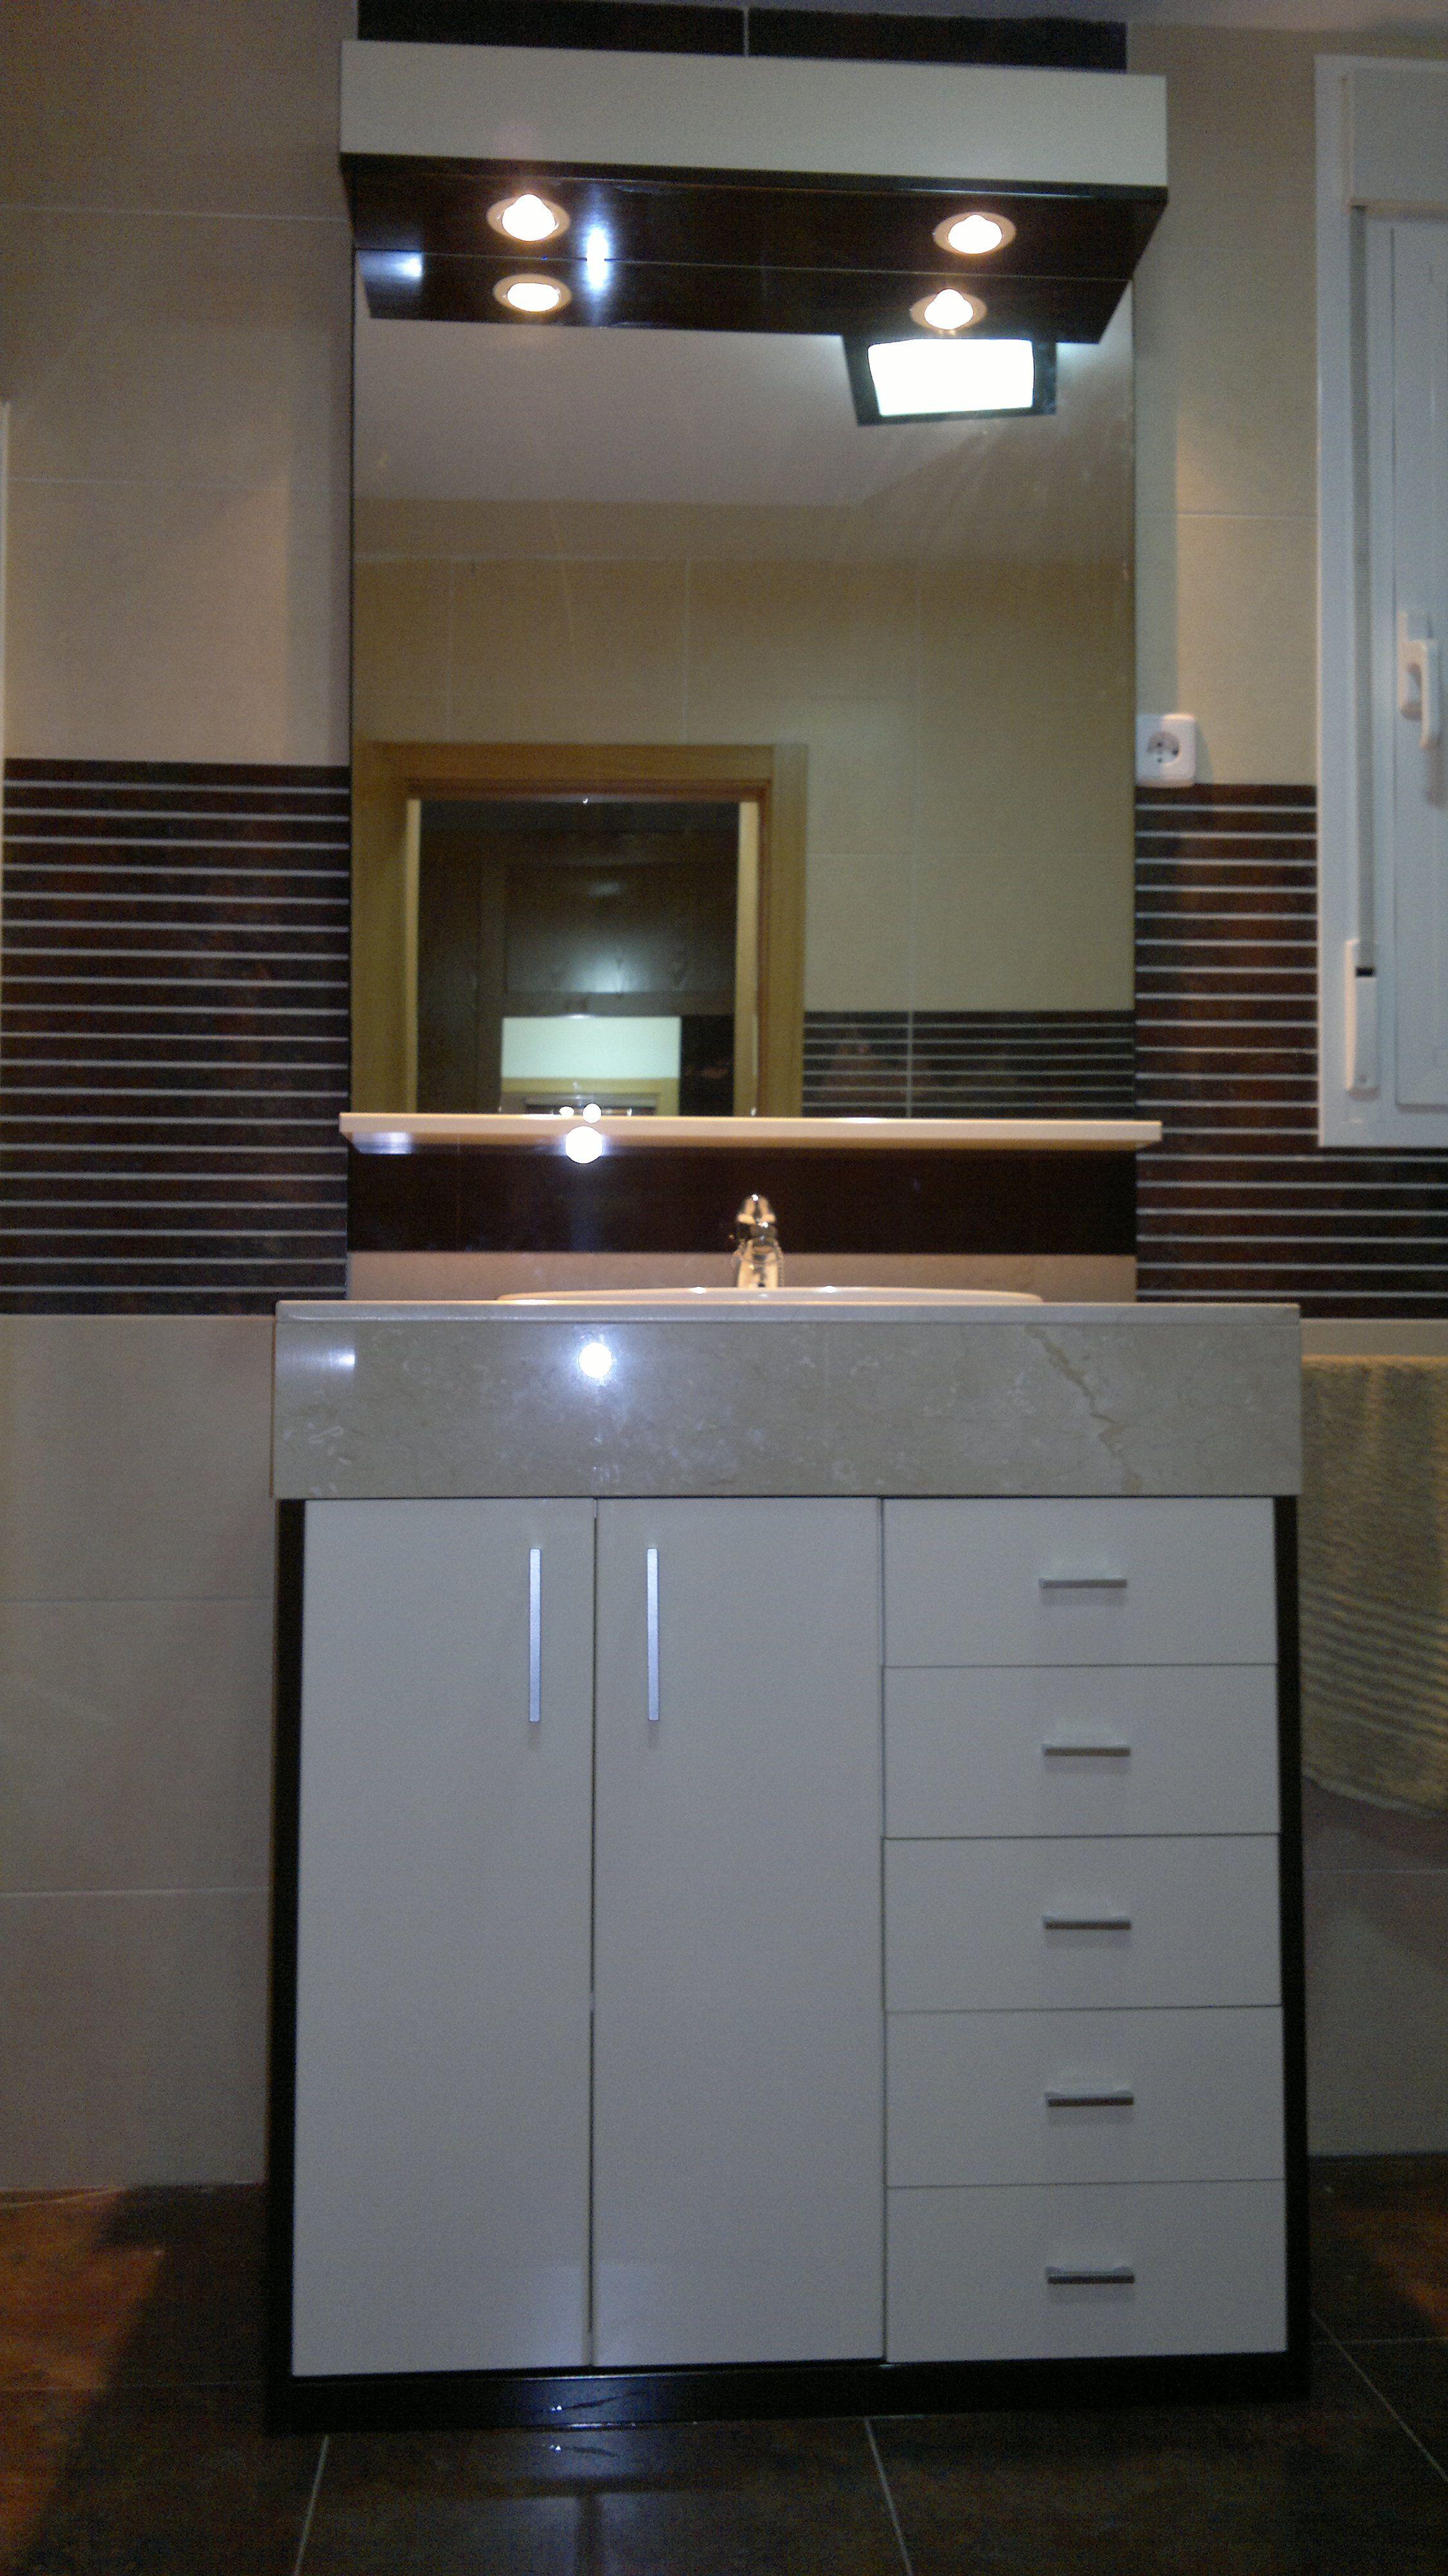 Mueble de ba o en formica en alto brillo muebles de ba o pinterest decorating - Muebles altos de bano ...